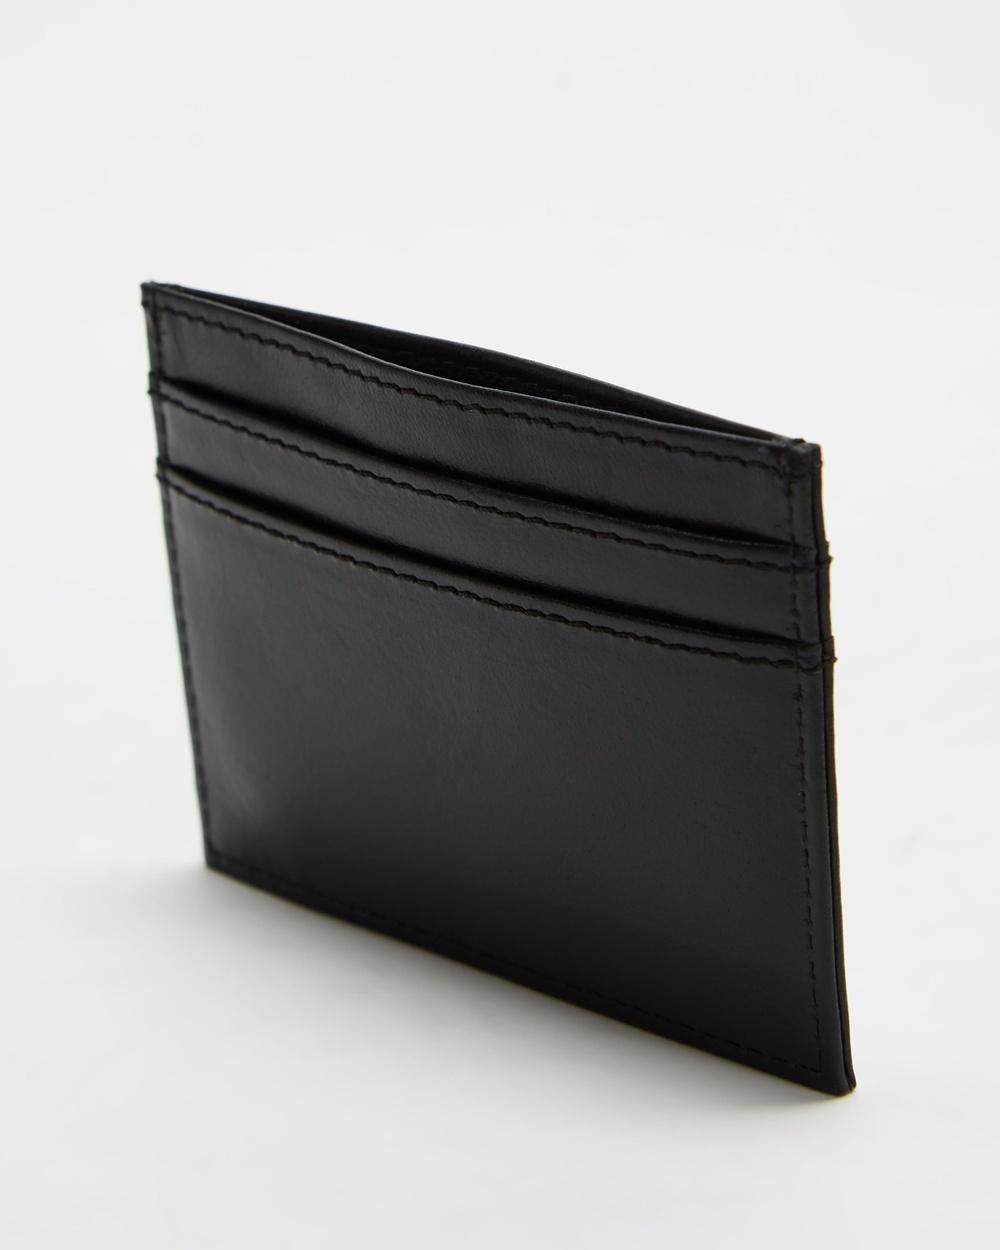 AERE Leather Cardholder Wallets Black